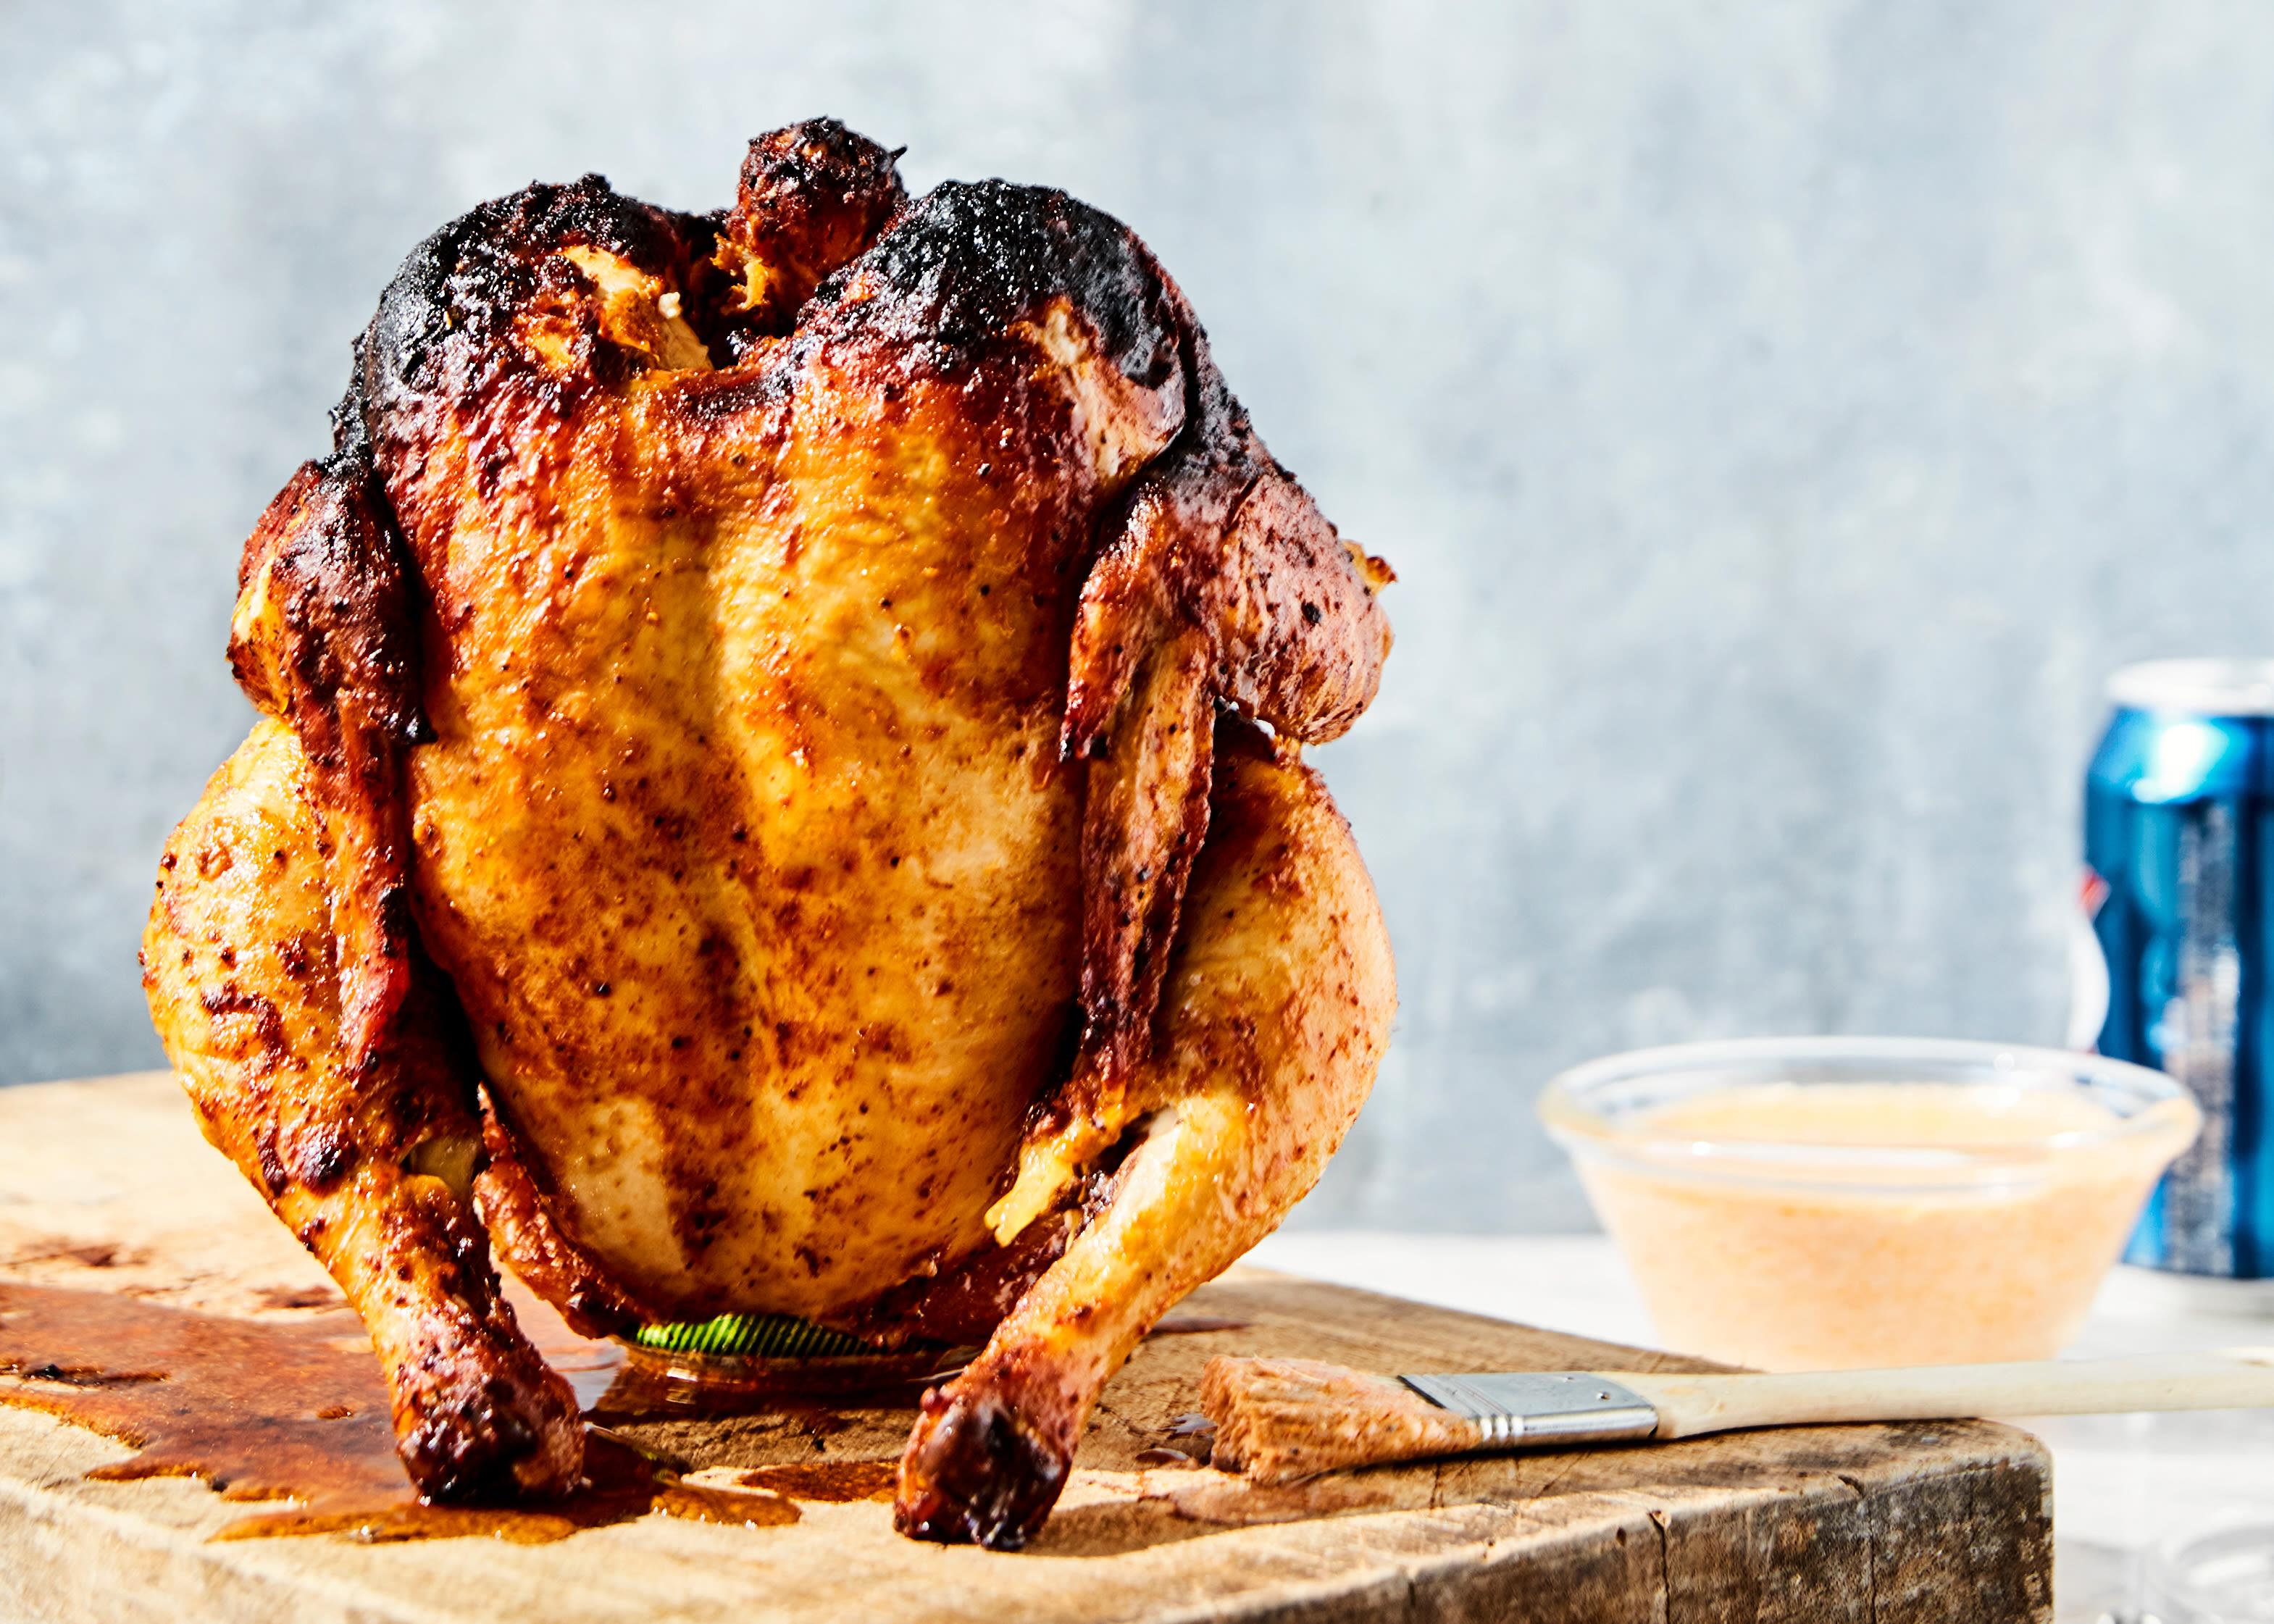 SAFTIG GRILLMIDDAG: Kylling kan grilles hel. Og ekstra saftig får du den om du griller den sammen med en boks med øl!